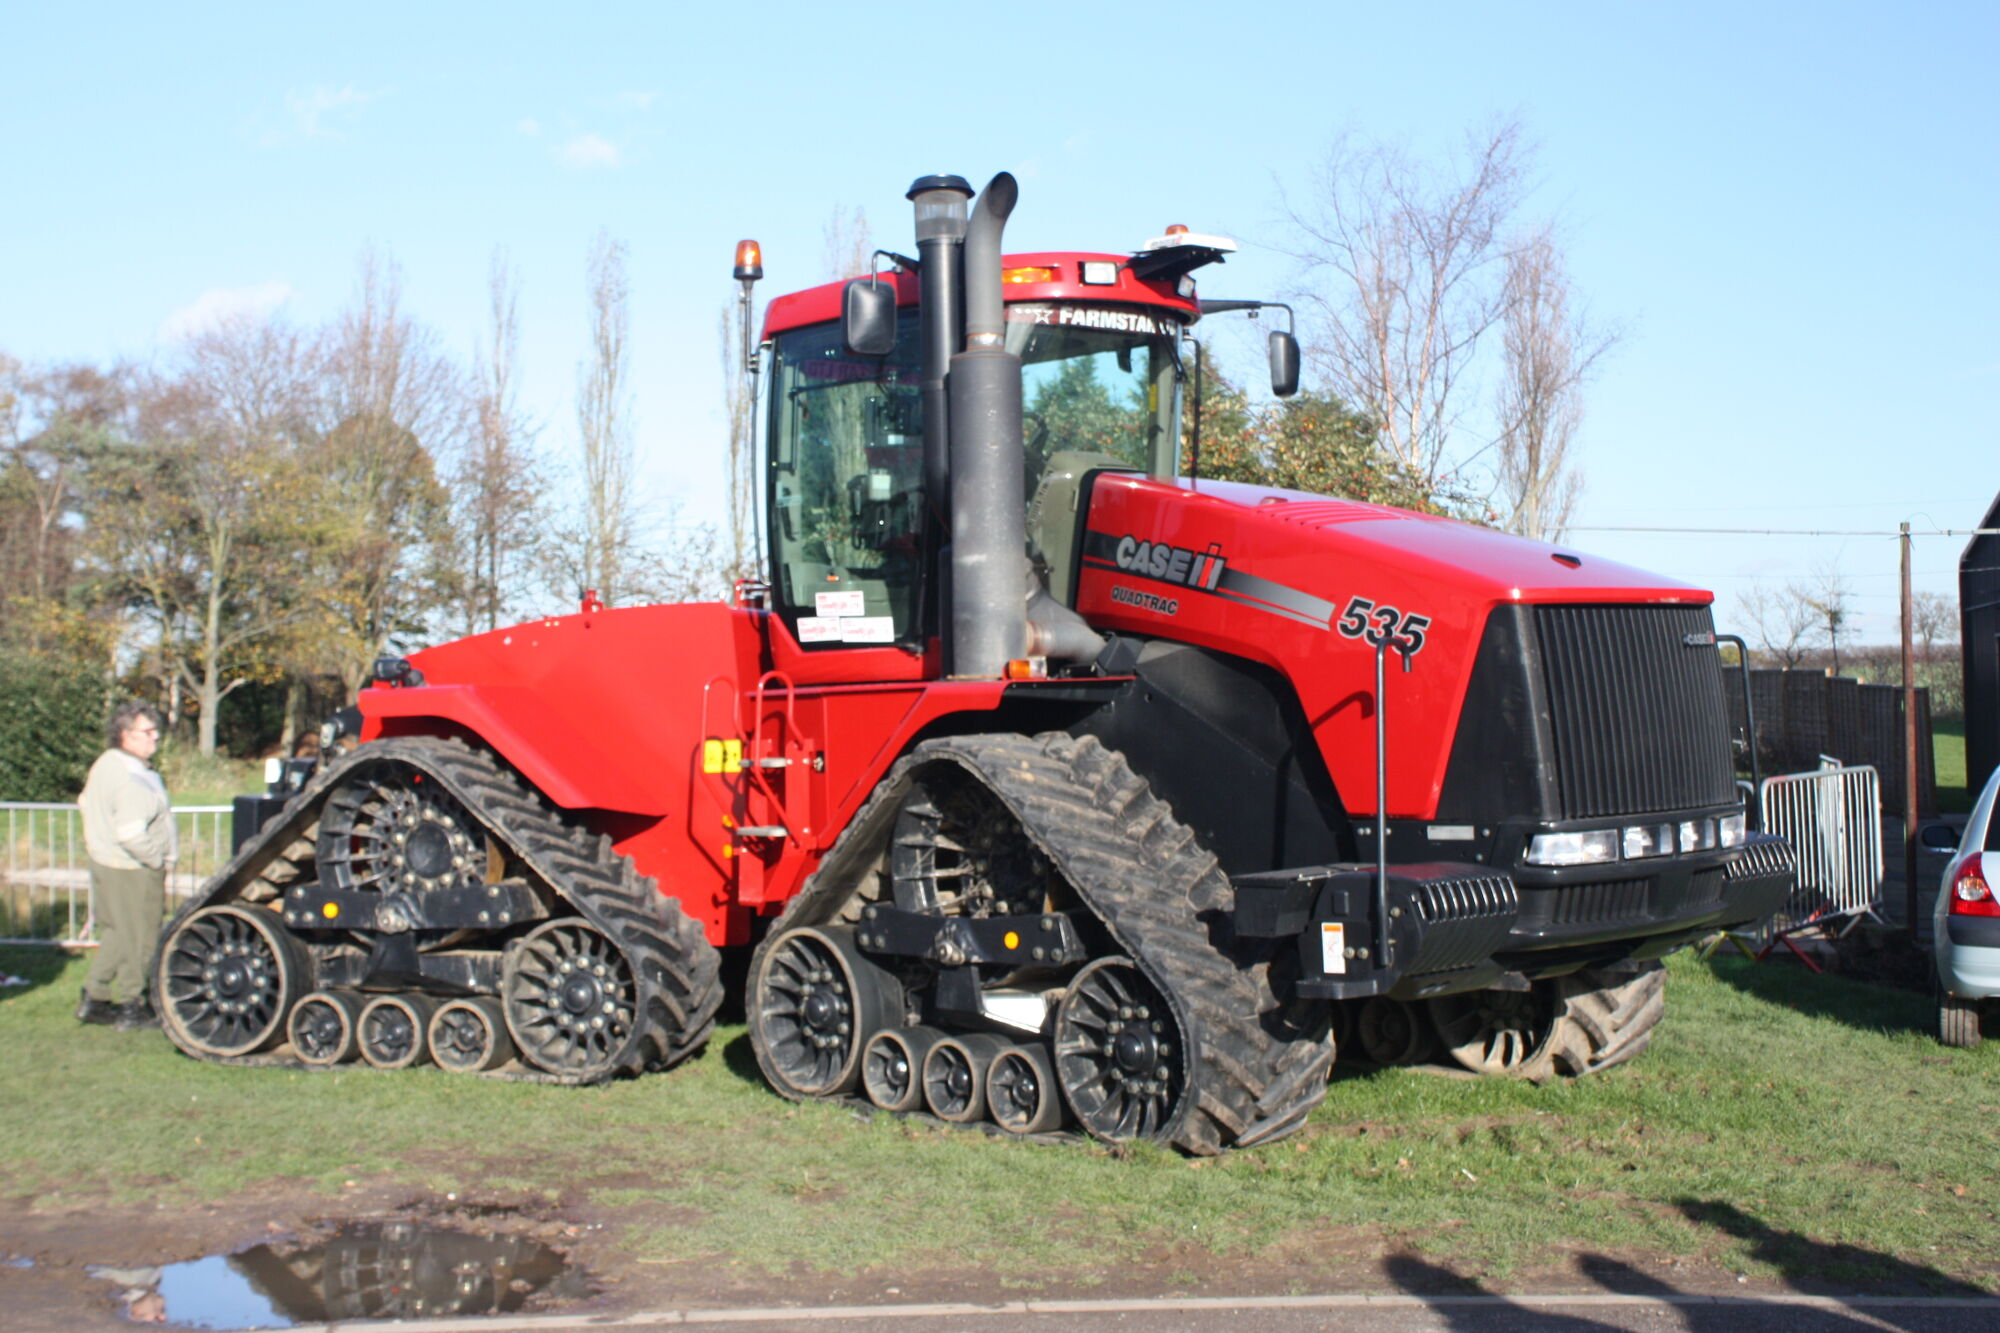 case ih steiger stx tractor amp construction plant wiki